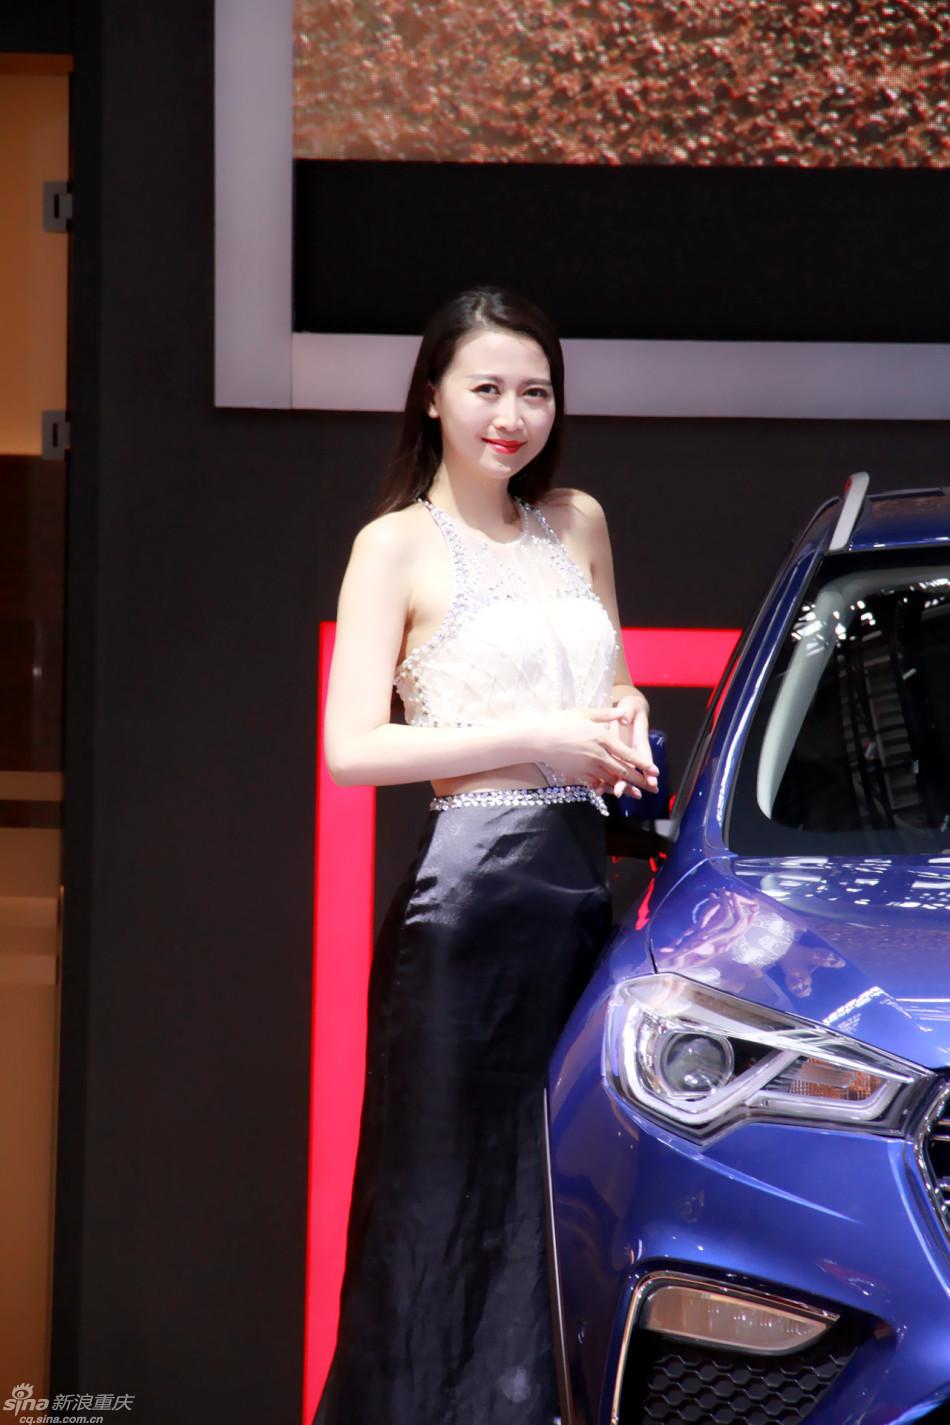 月8-14日,2017重庆国际车展相约重庆·悦来国际博览中心.作为